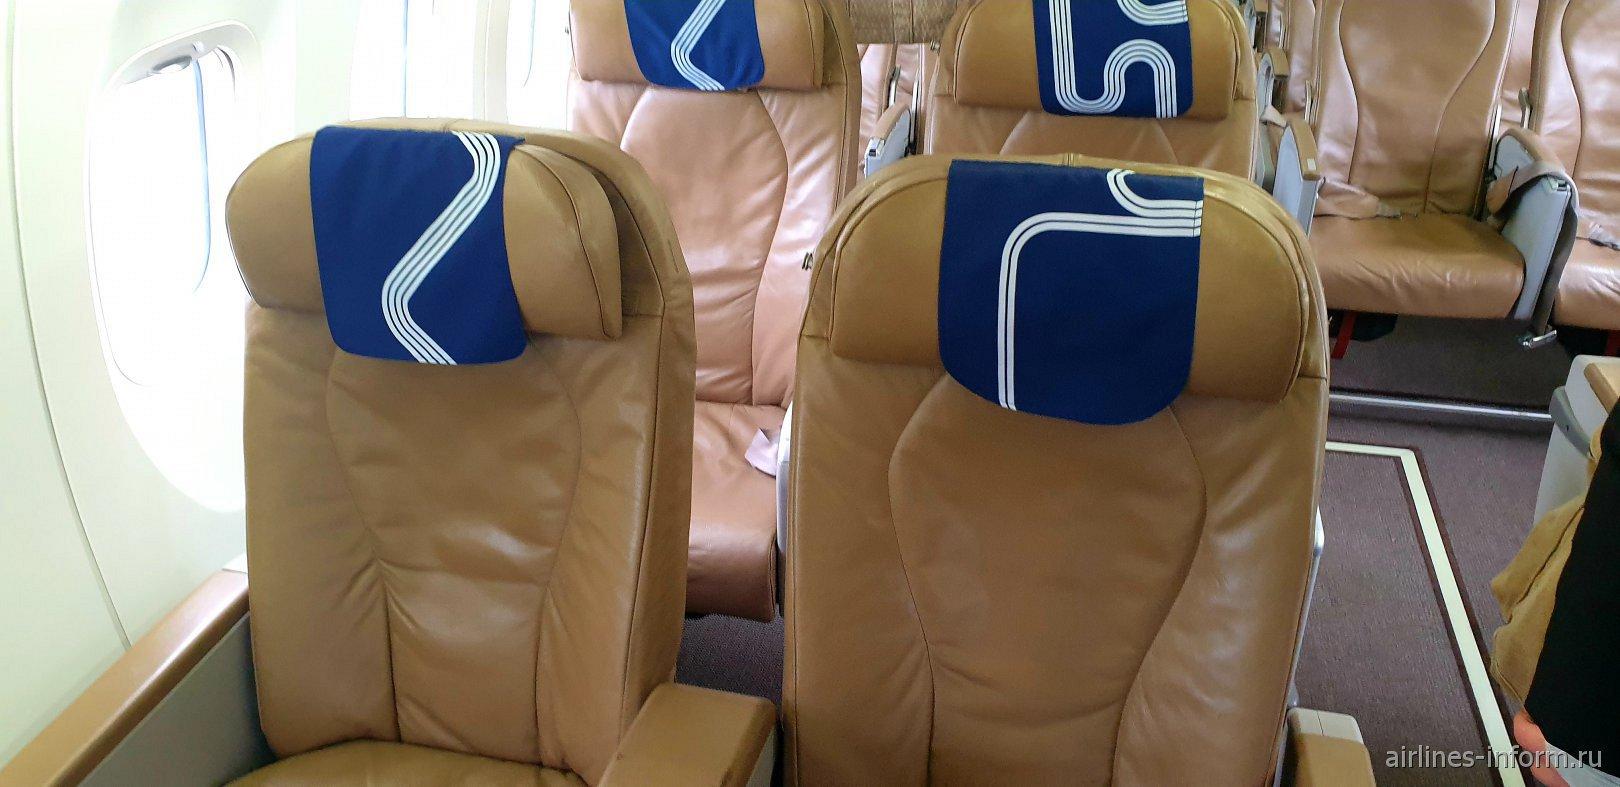 Бизнес-класс в самолете Bombardier Dash 8 Q400 авиакомпании